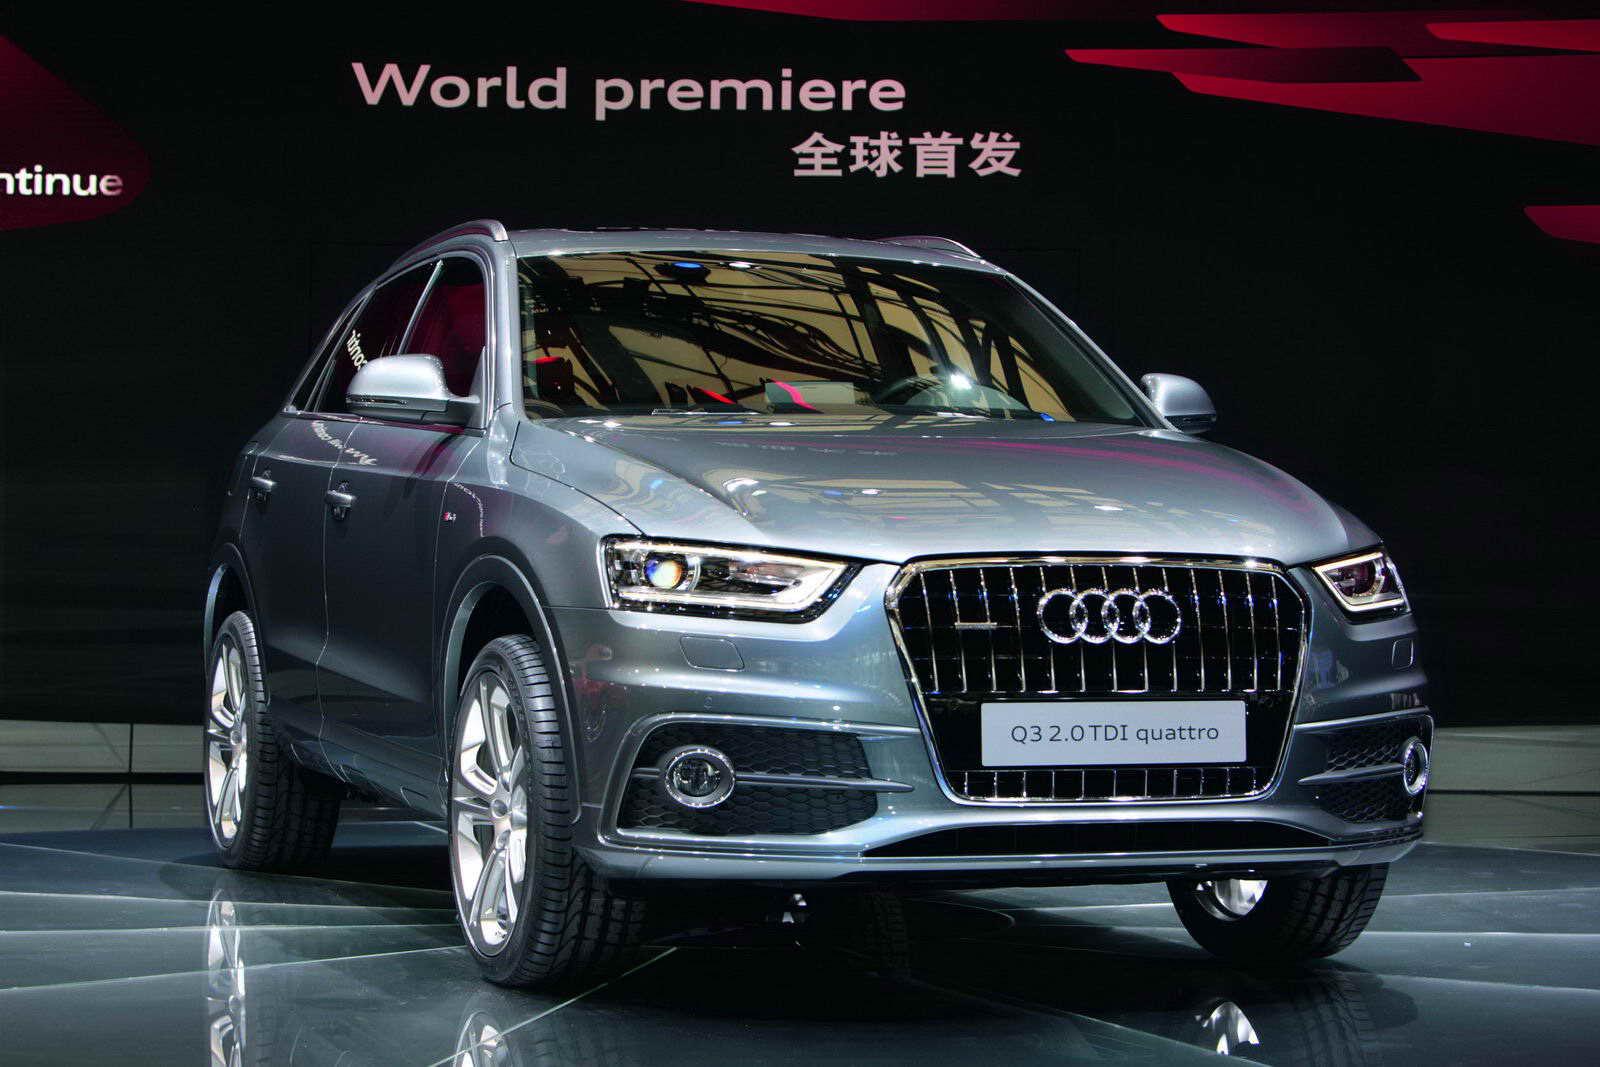 Вместе с фотографиями нового suv q3, были обнародованы и технические характеристики автомобиля